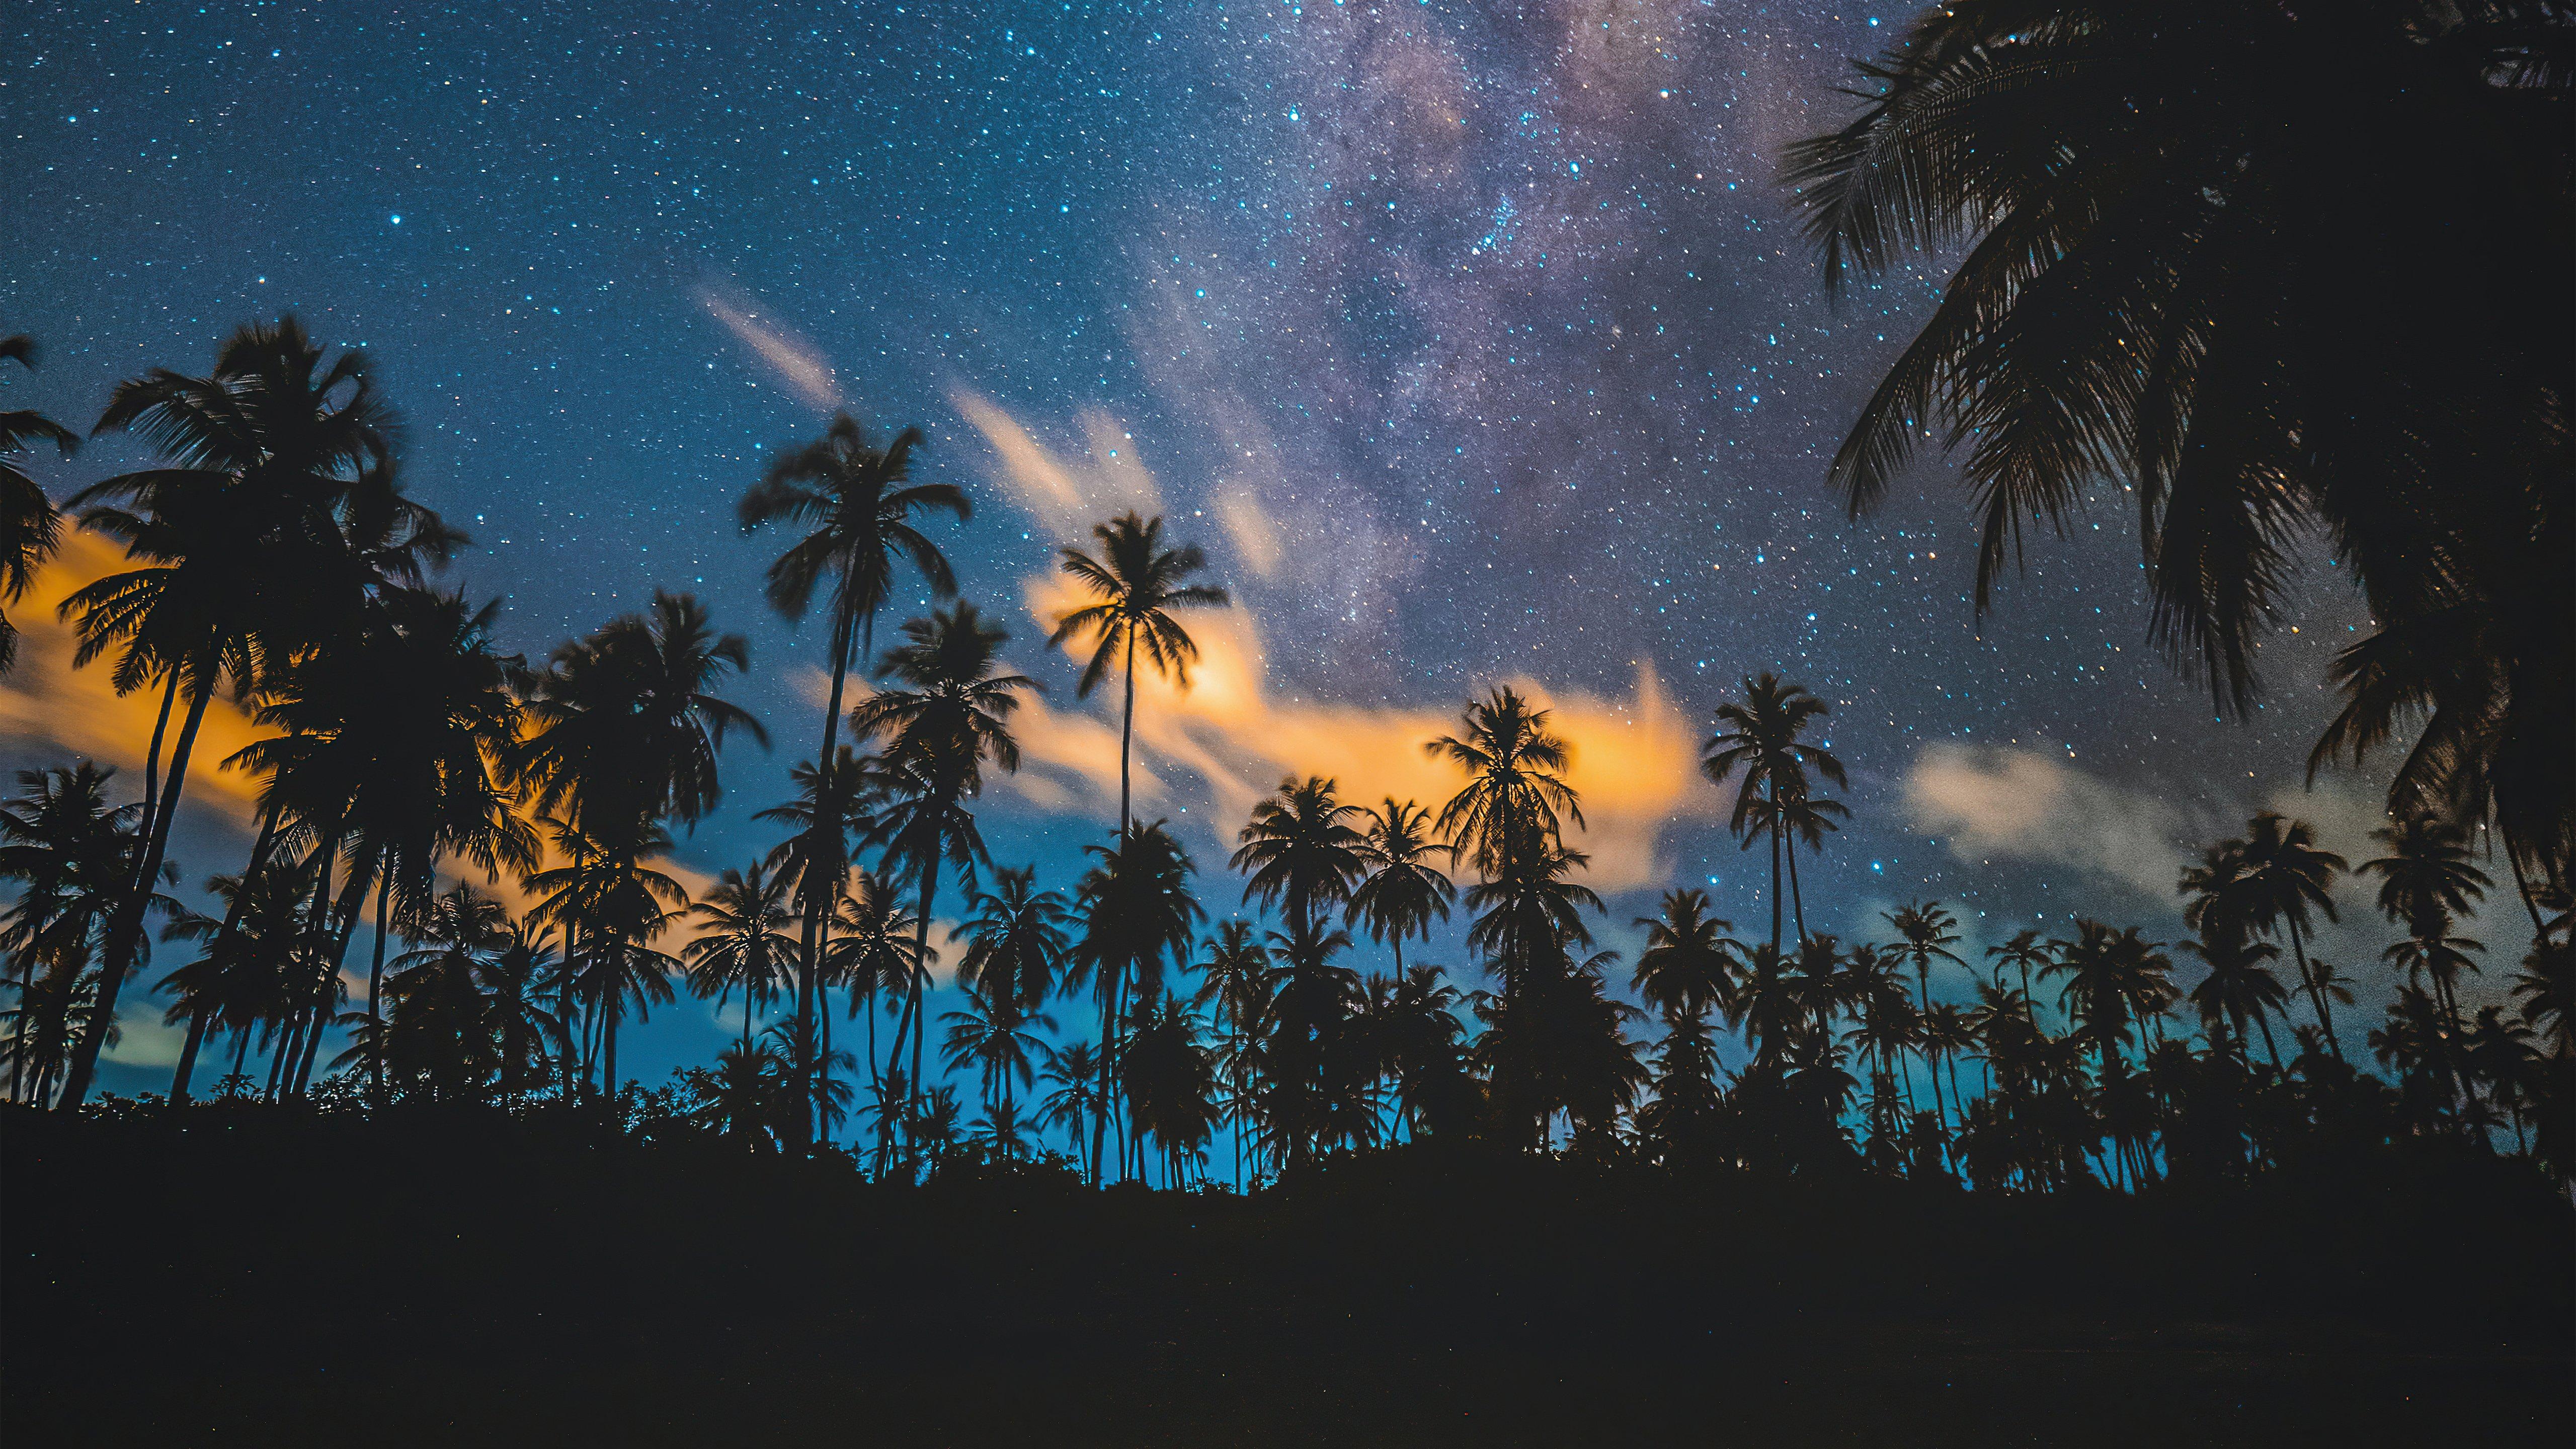 Fondos de pantalla Estrellas con palmas tropicales